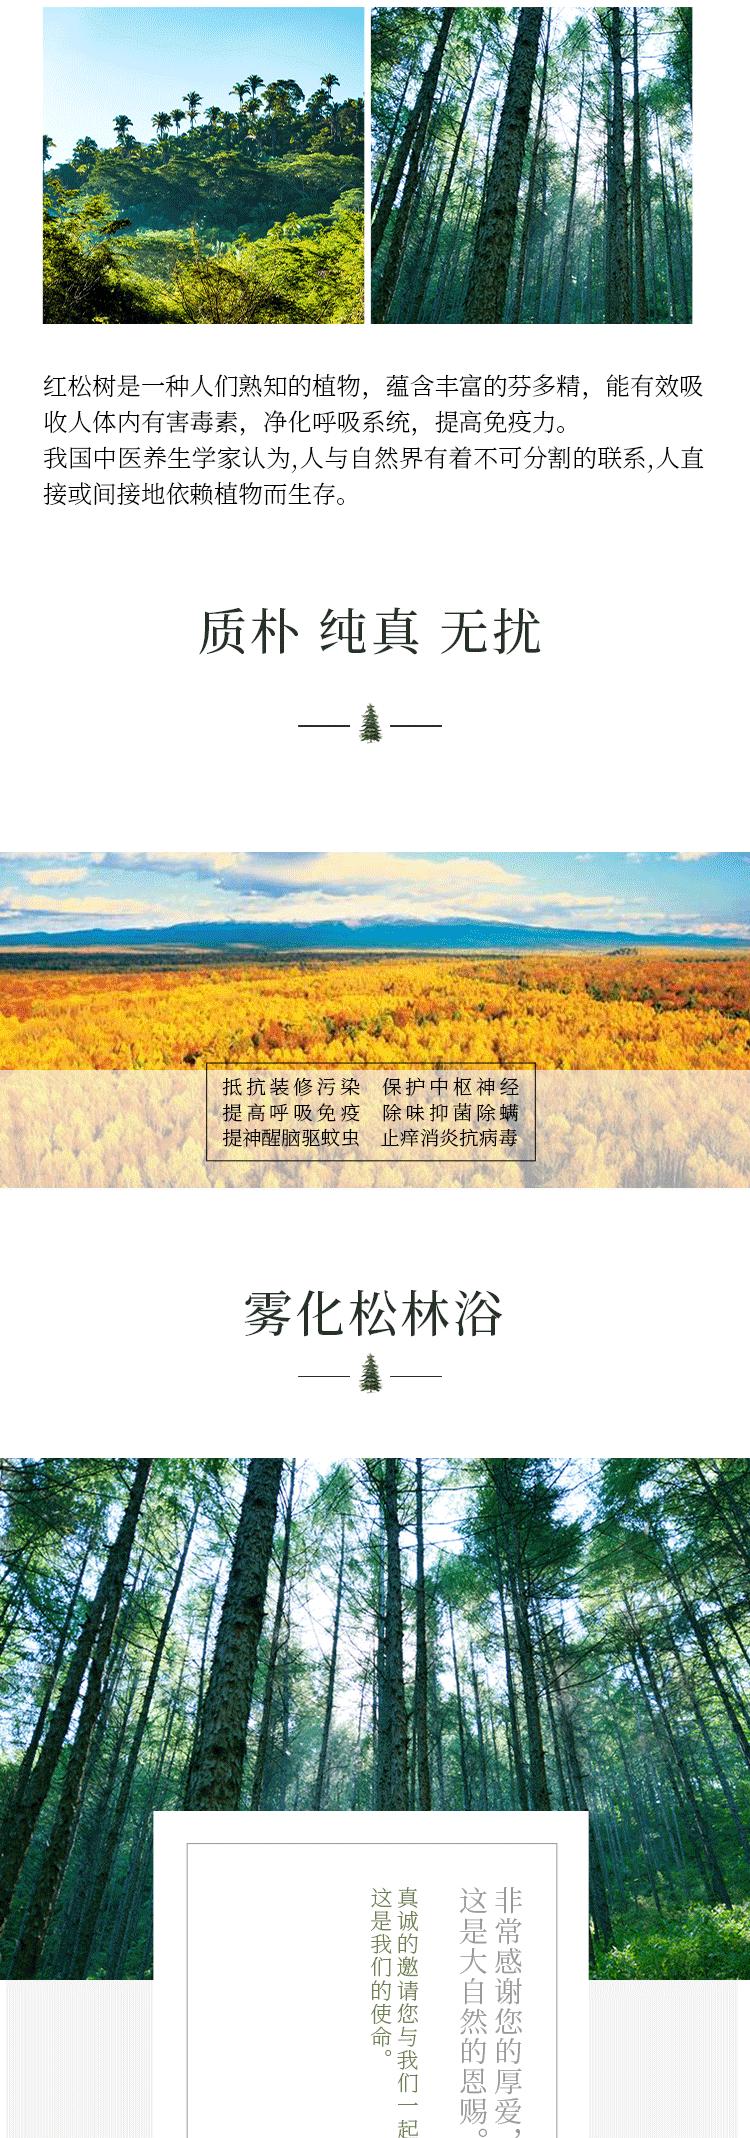 红松树是一种人们熟知的植物